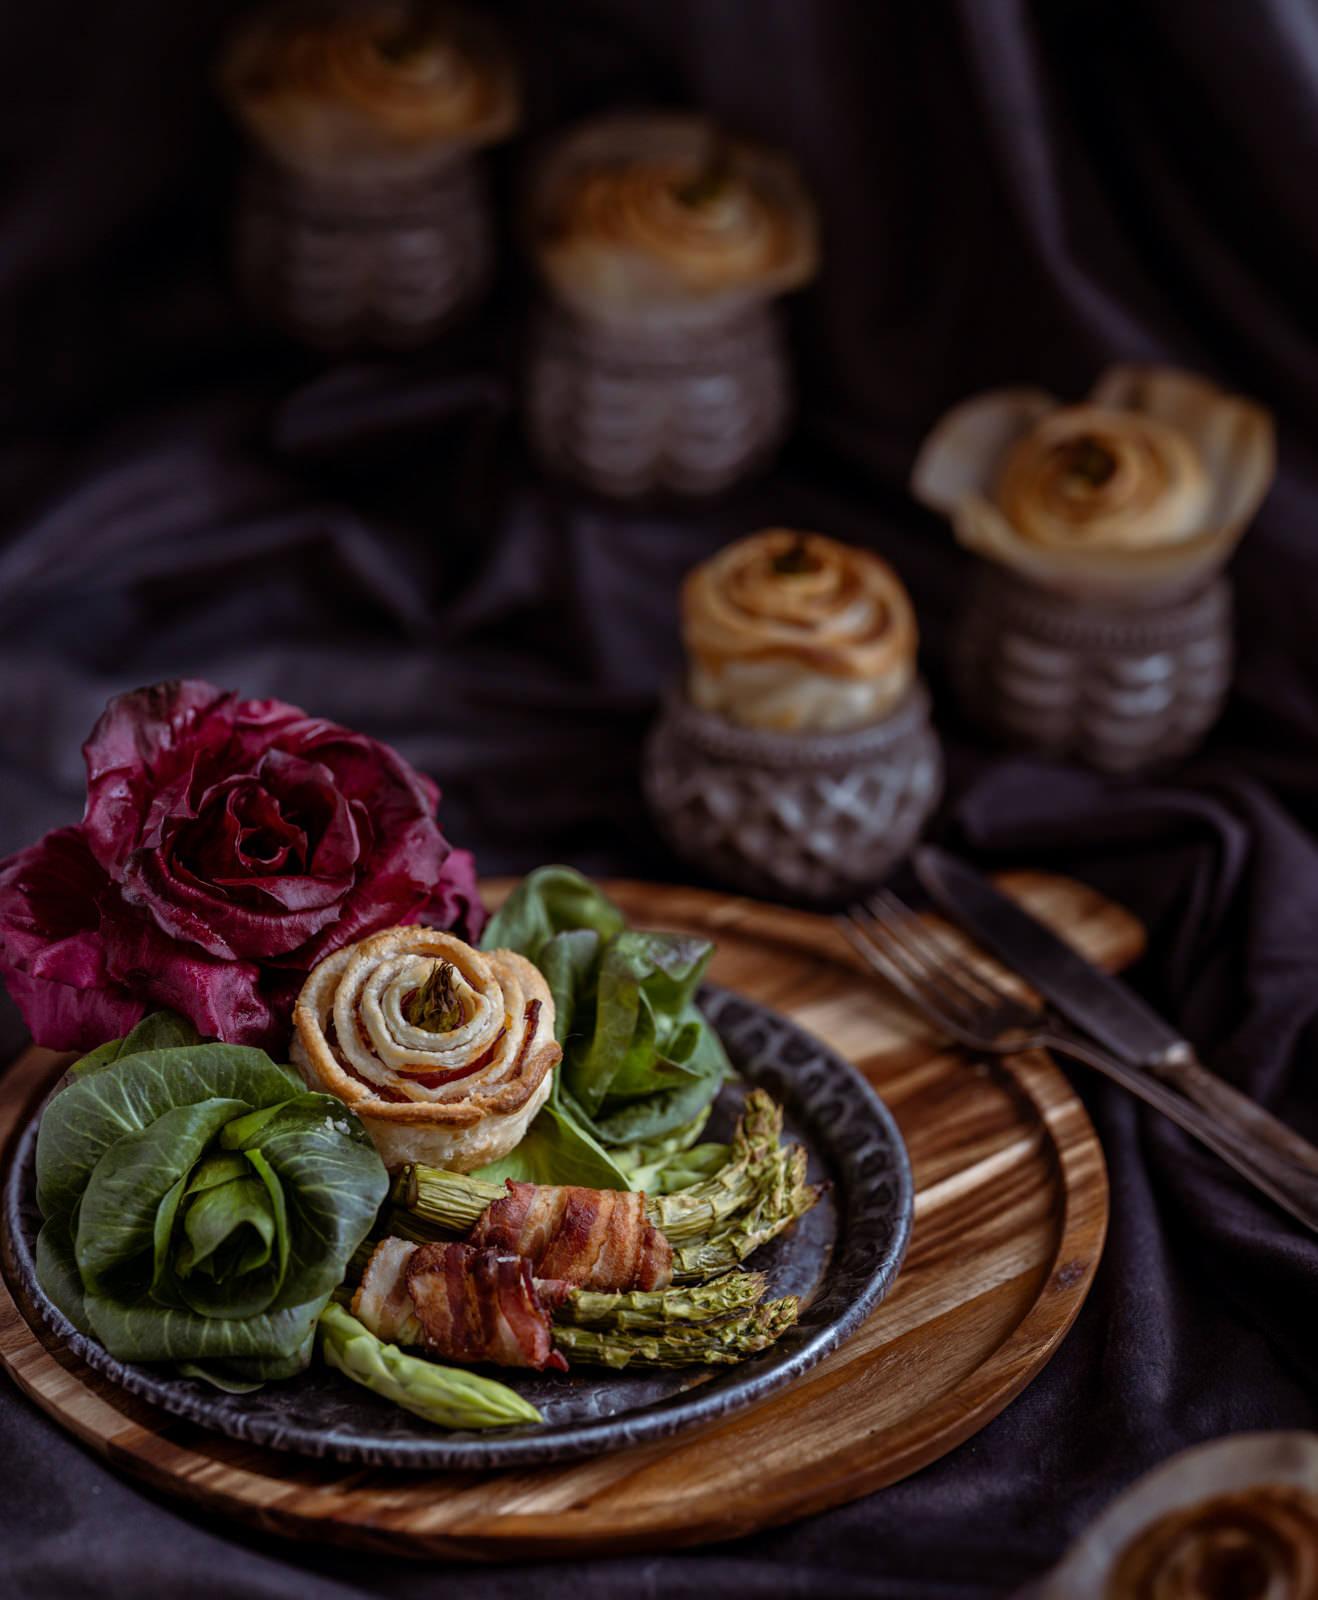 Witzgall Fotografie - Food